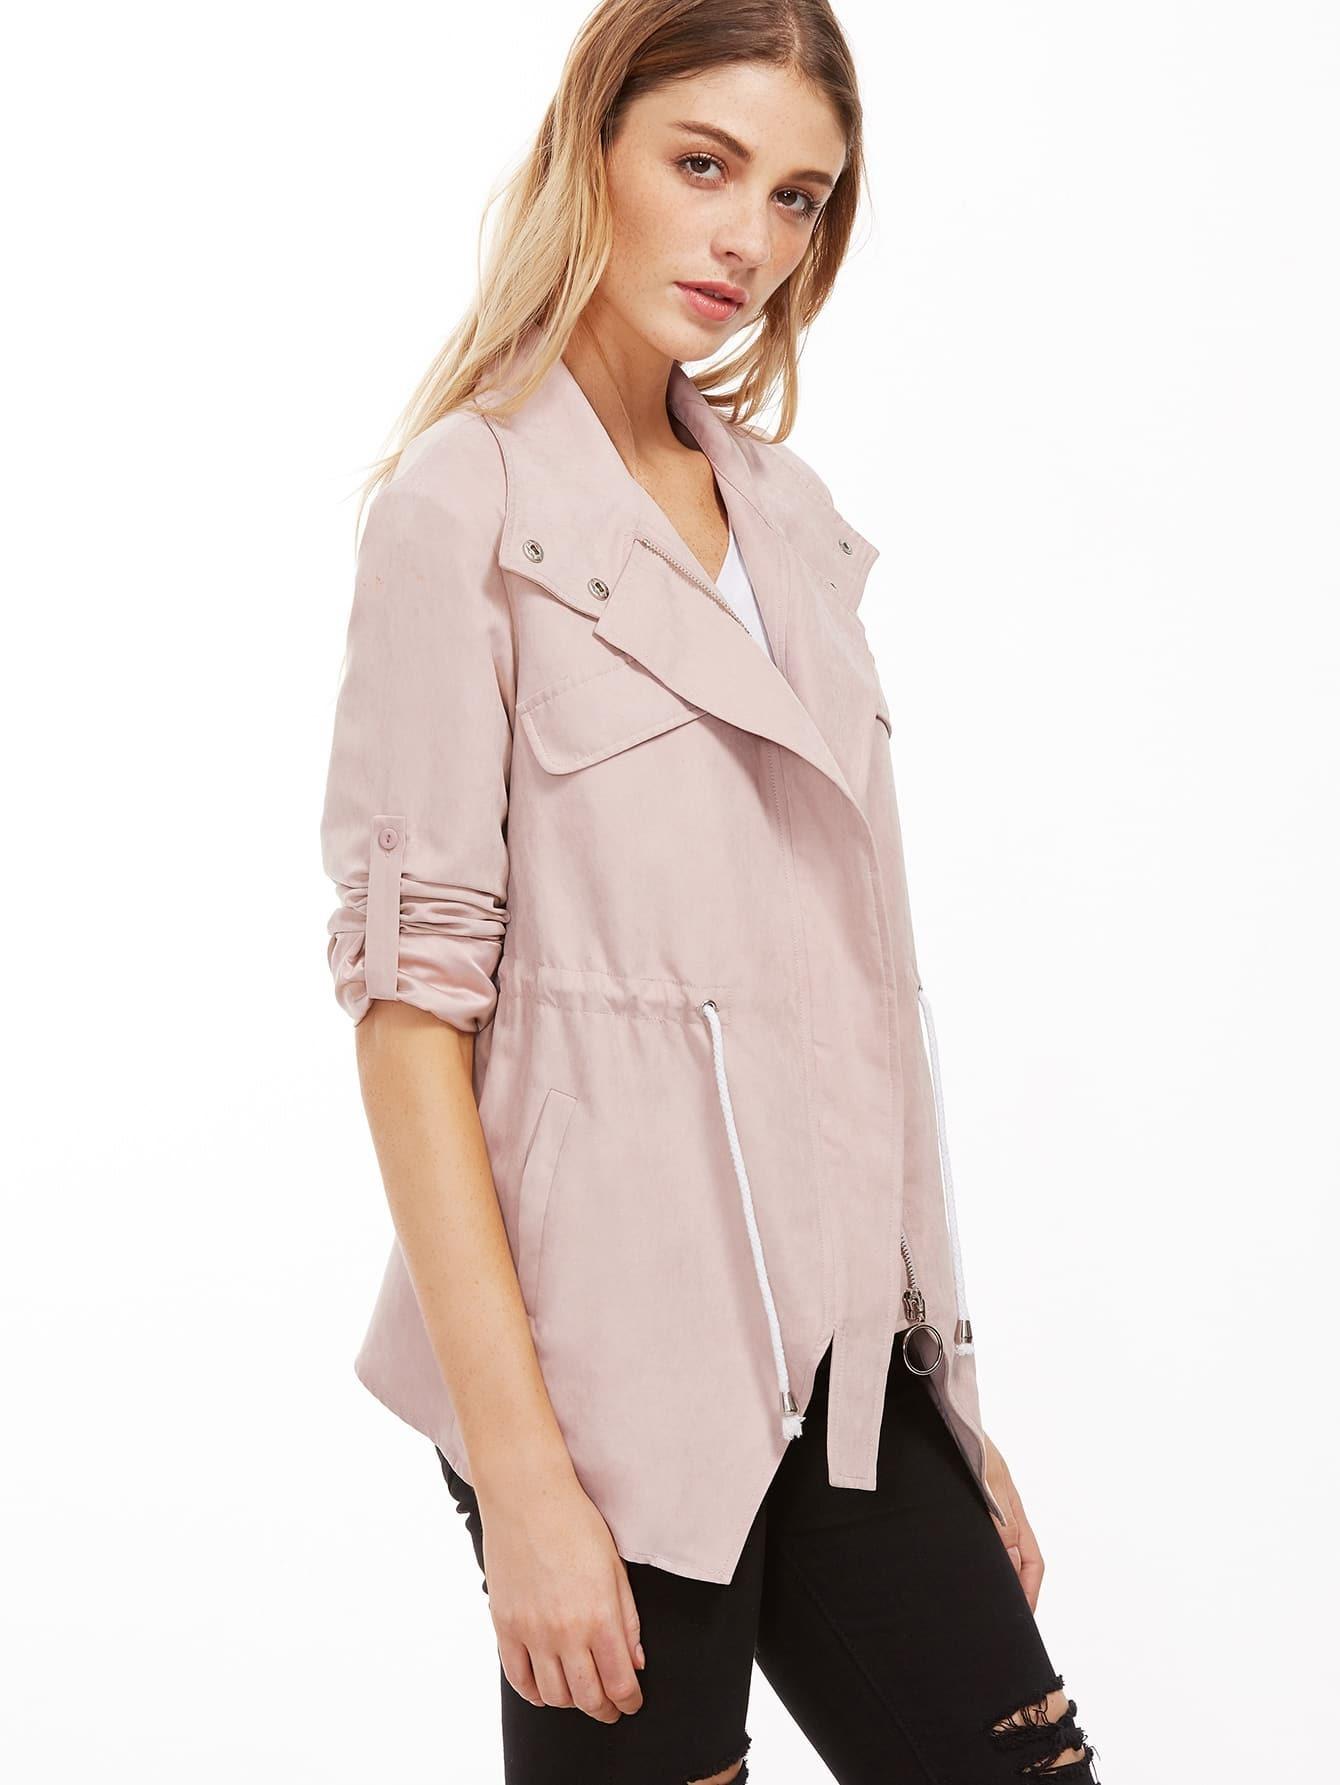 jacket161025705_2